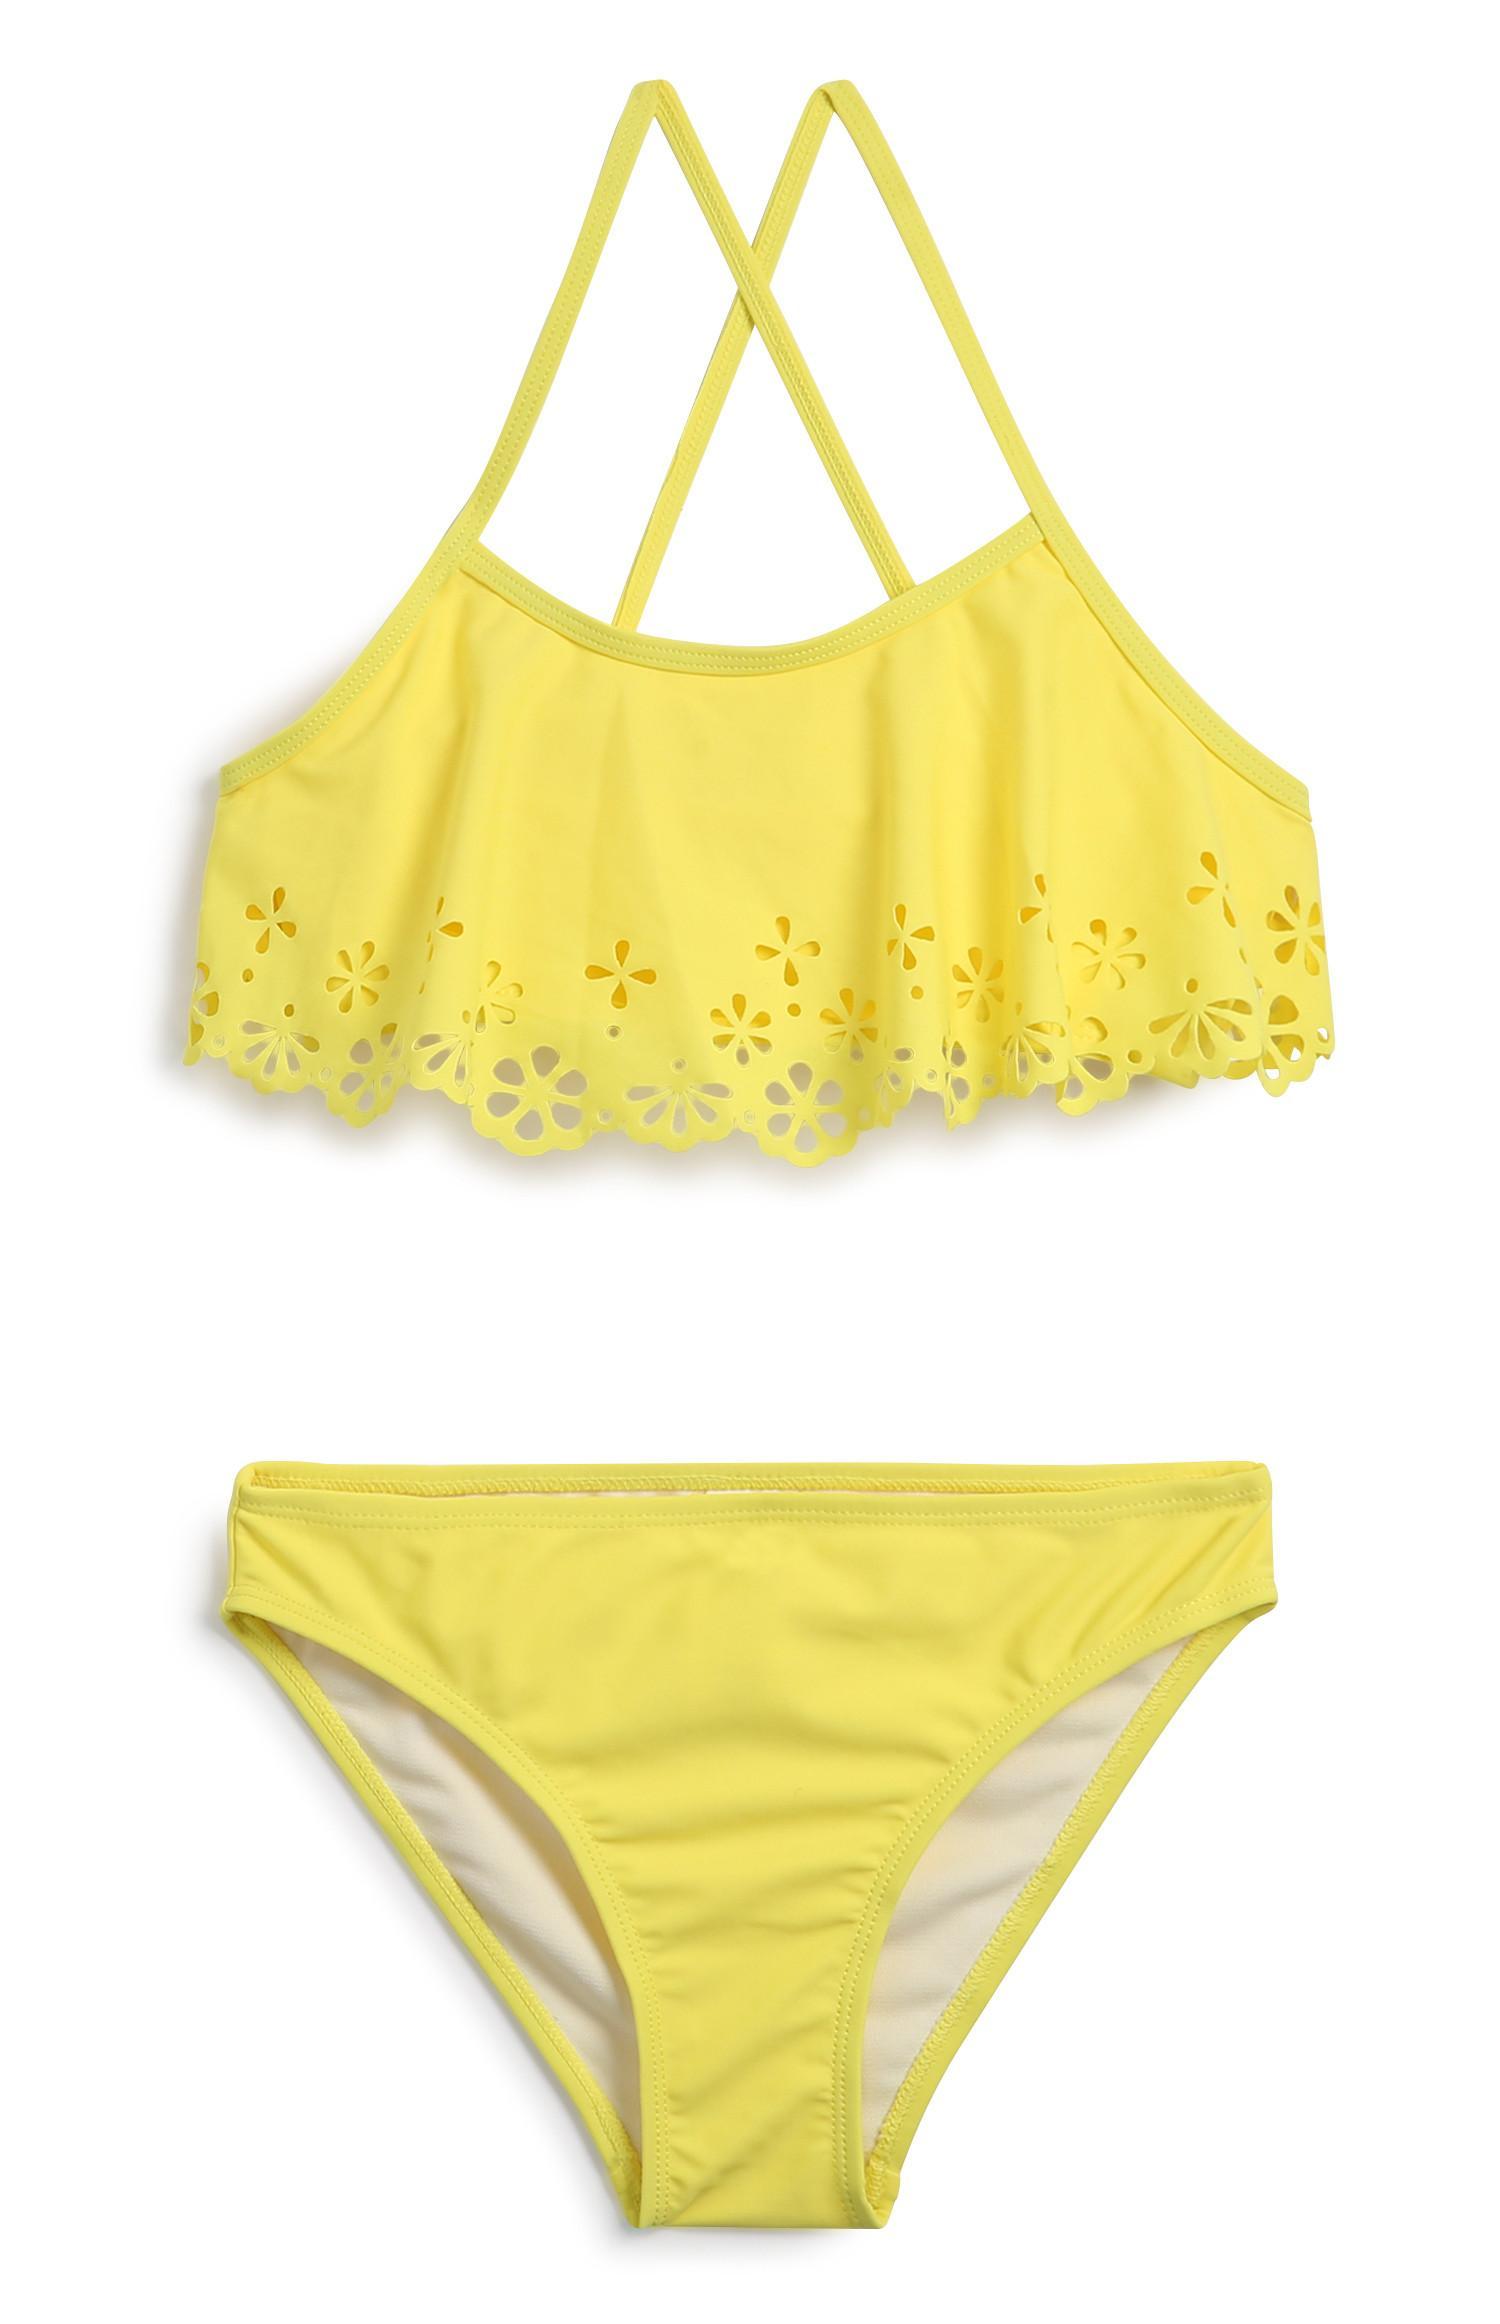 Biquíni rapariga amarelo